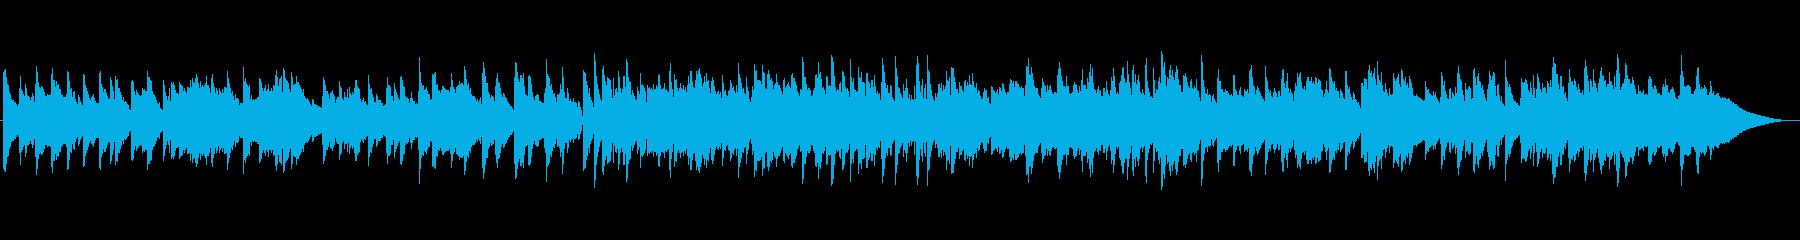 ゆったりジャズ ピアノ ベース ブラシの再生済みの波形